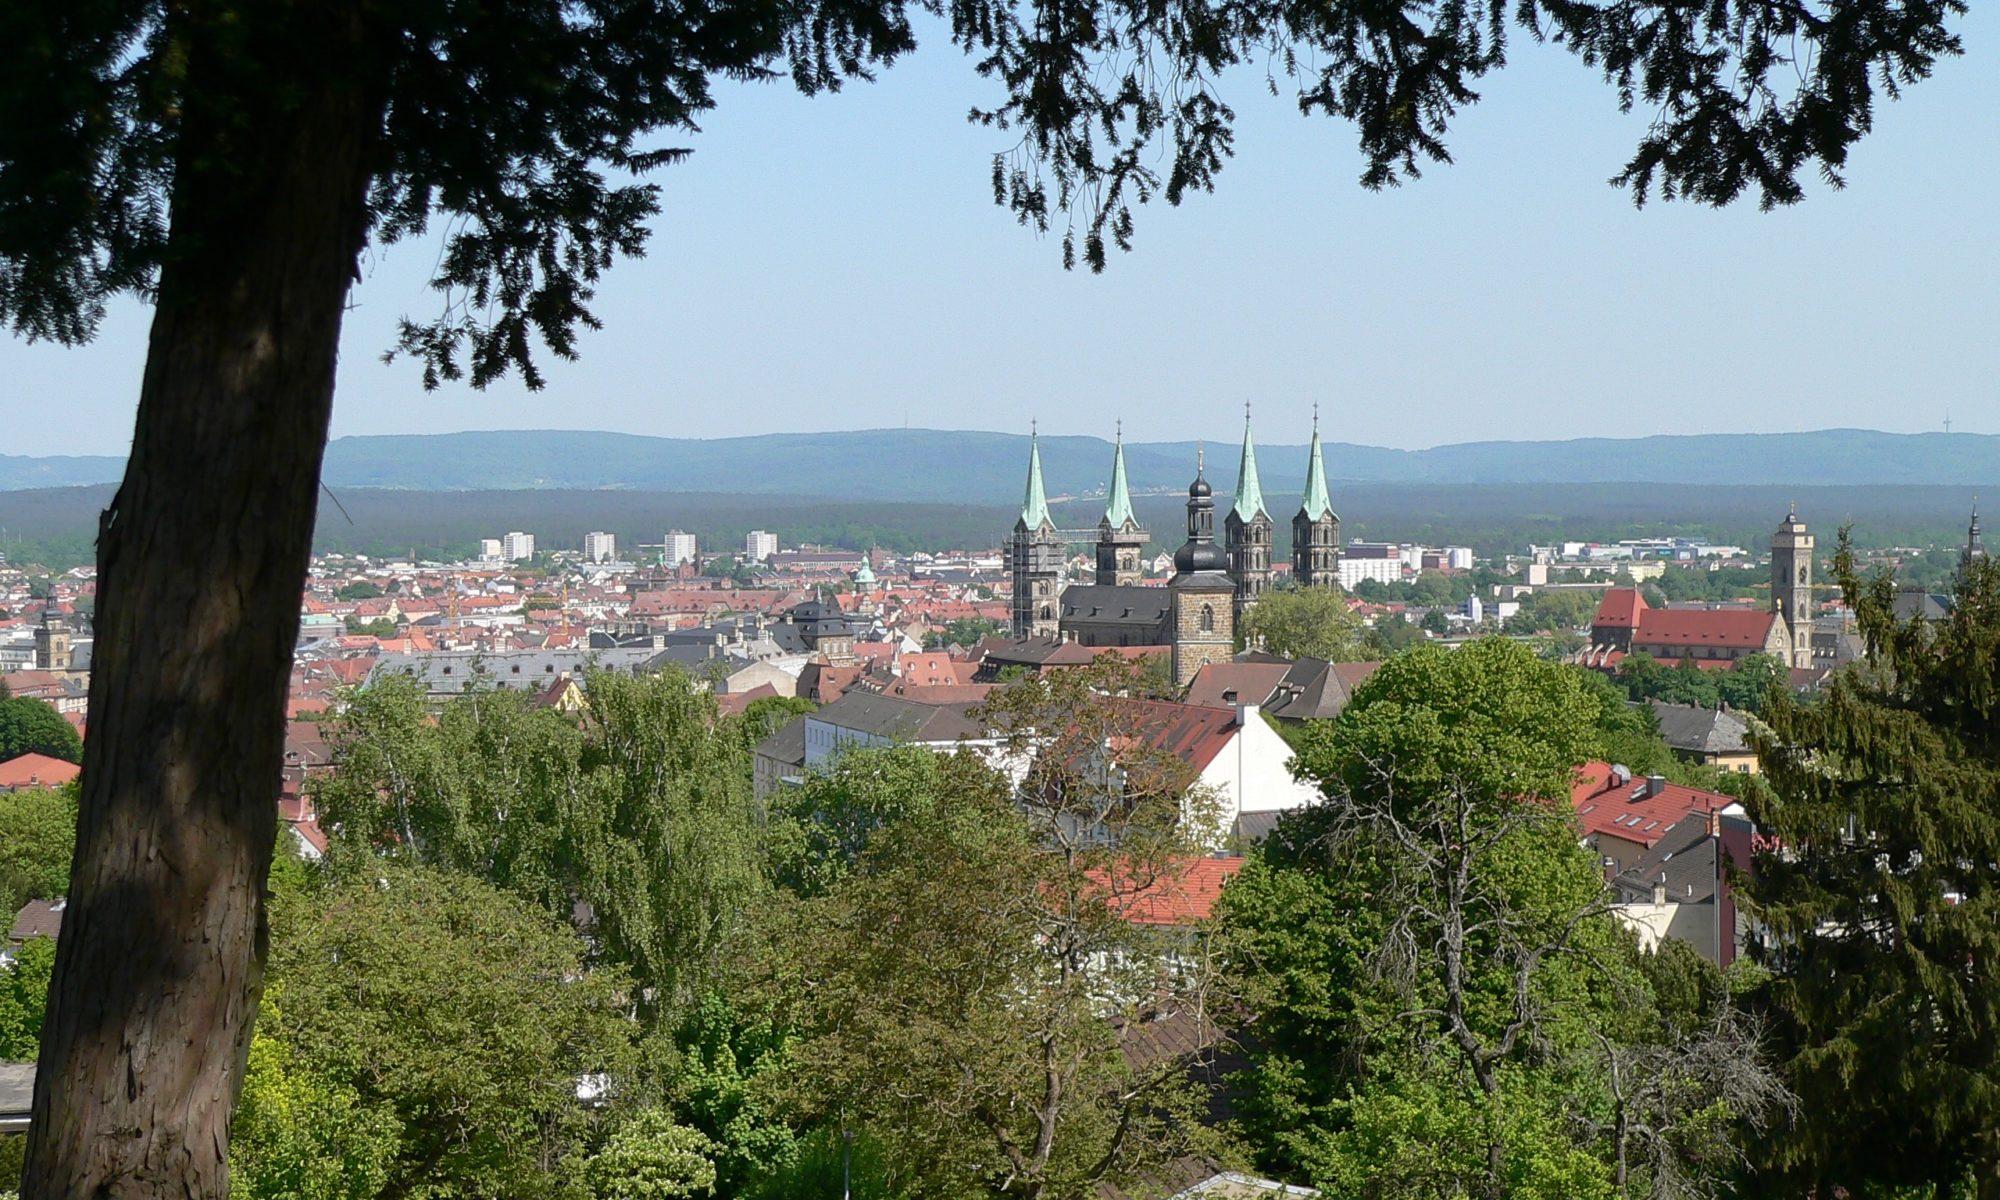 Die Altstadt von Bamberg ist seit 25 Jahren Weltkulturerbe. | Foto: B. Schneider